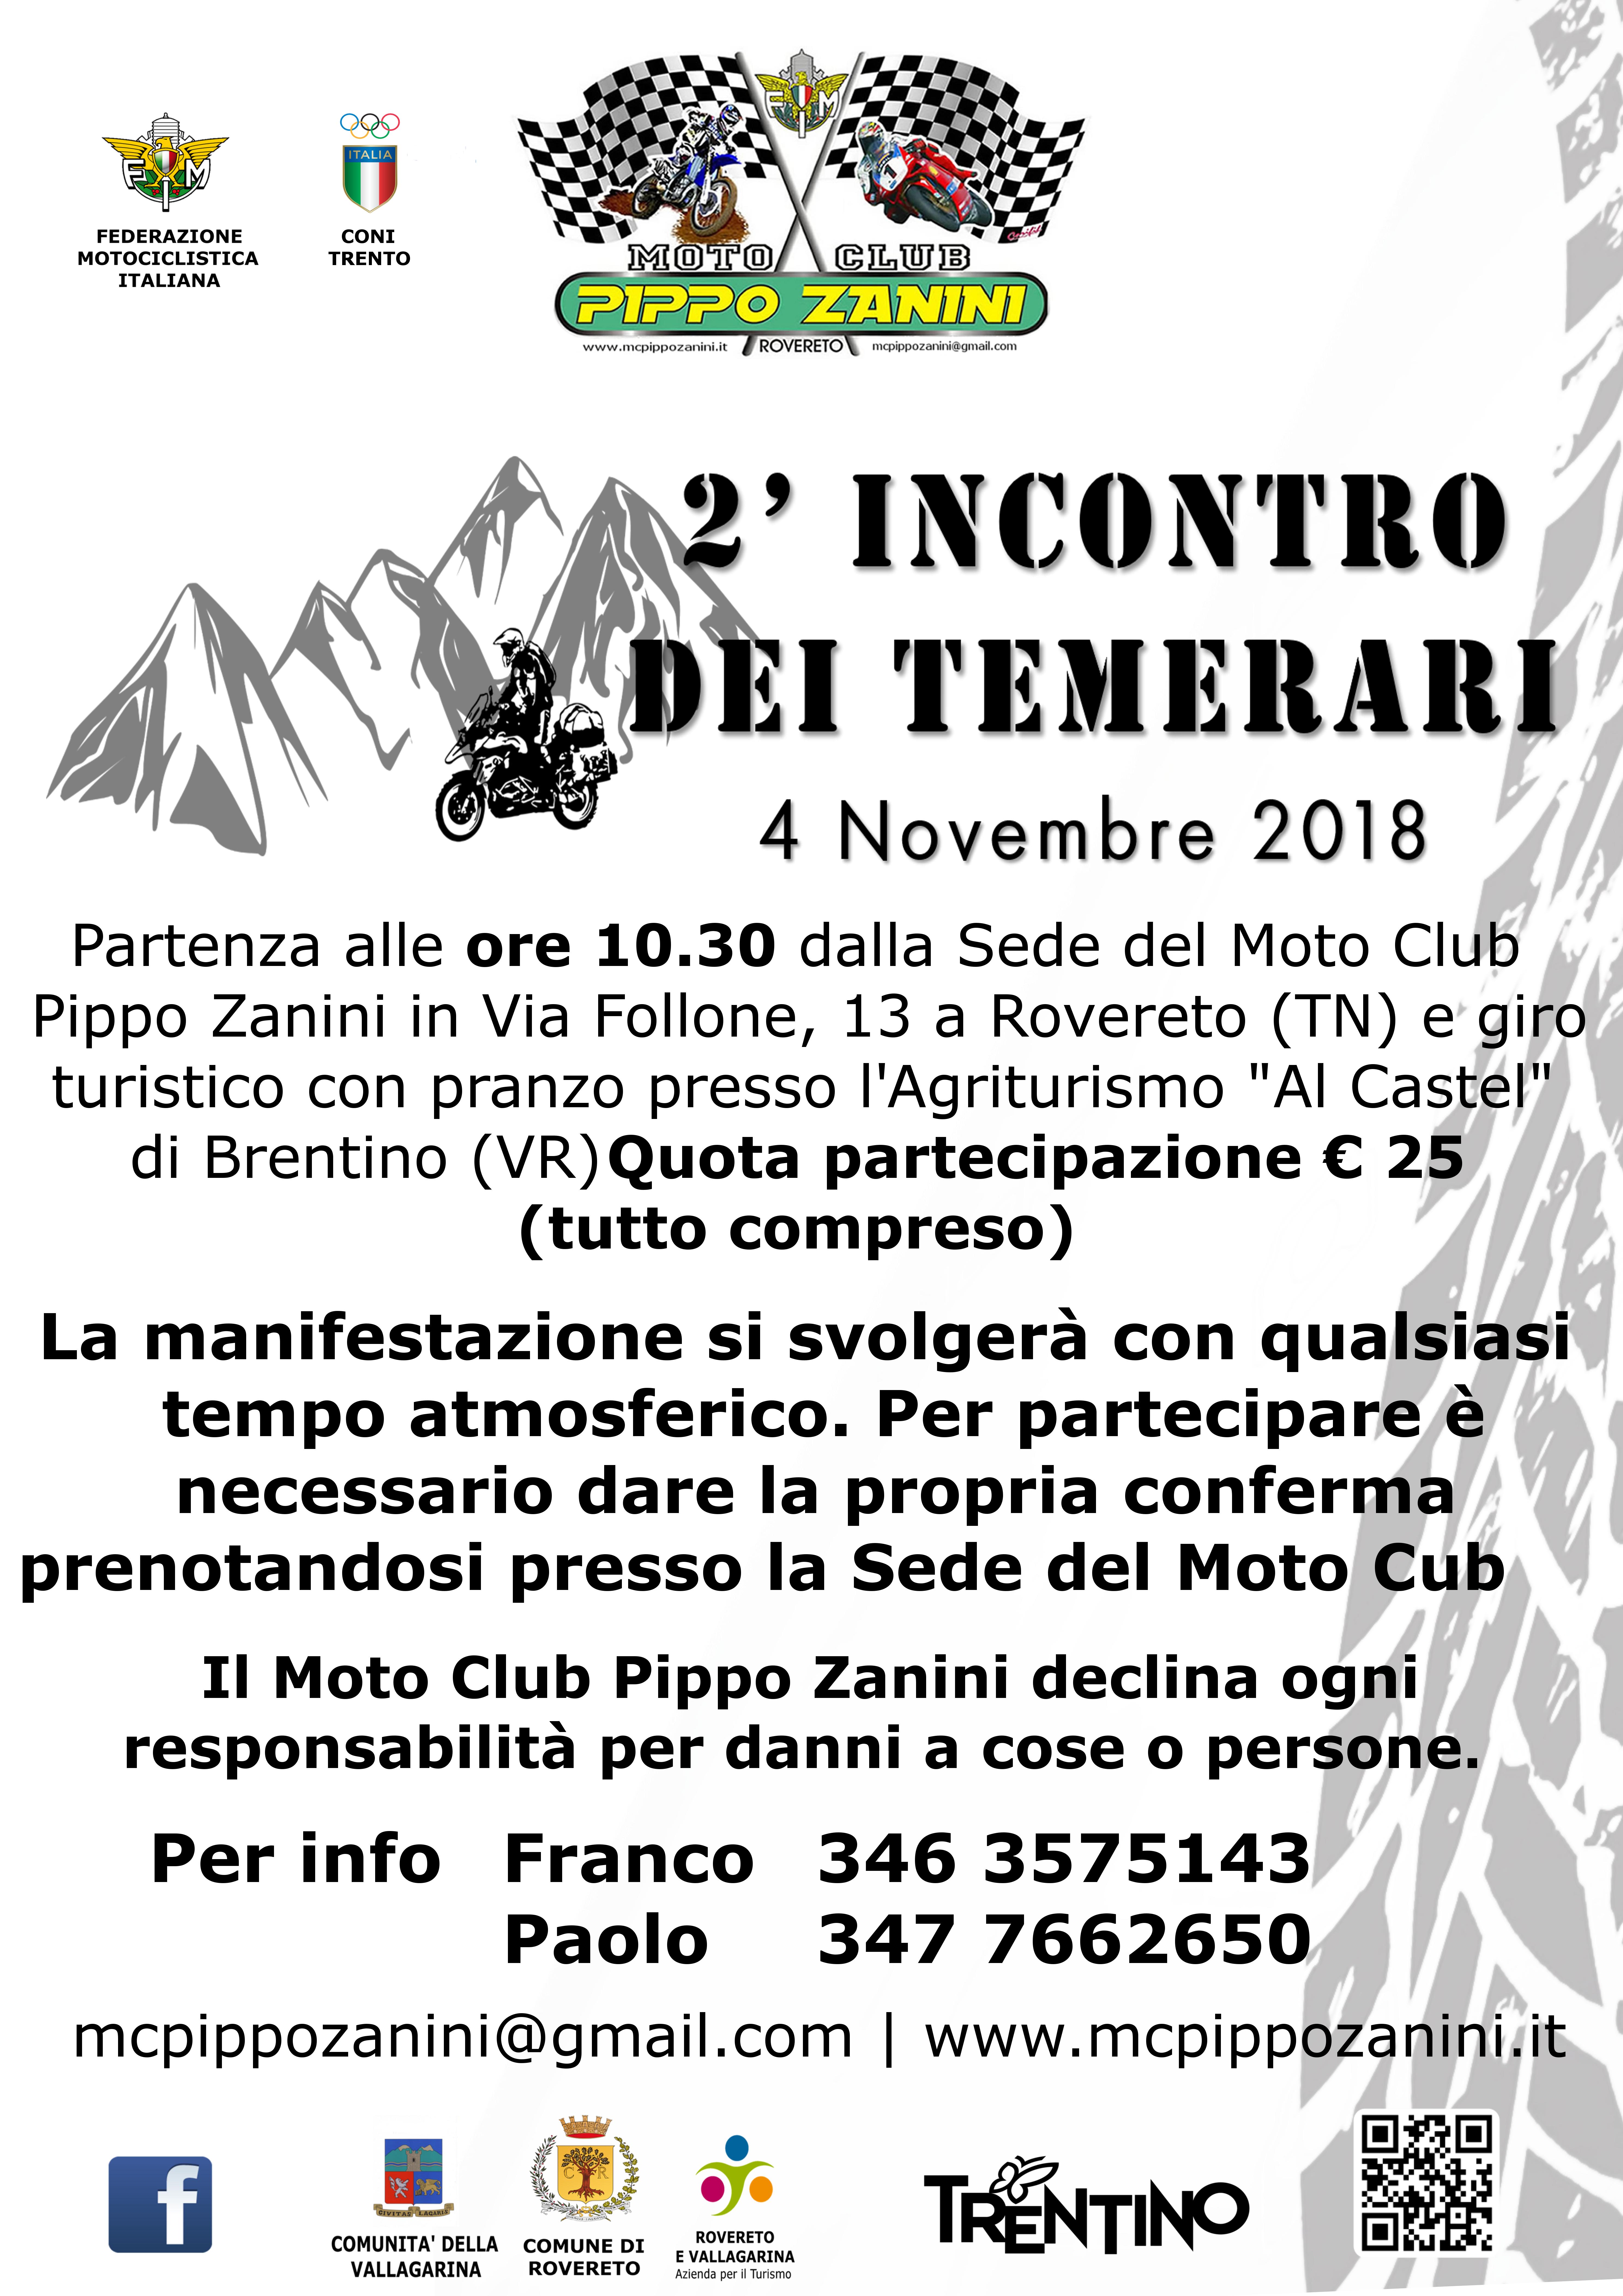 07. Locandina 04 Novembre 2018 - 2 raduno dei Temerari